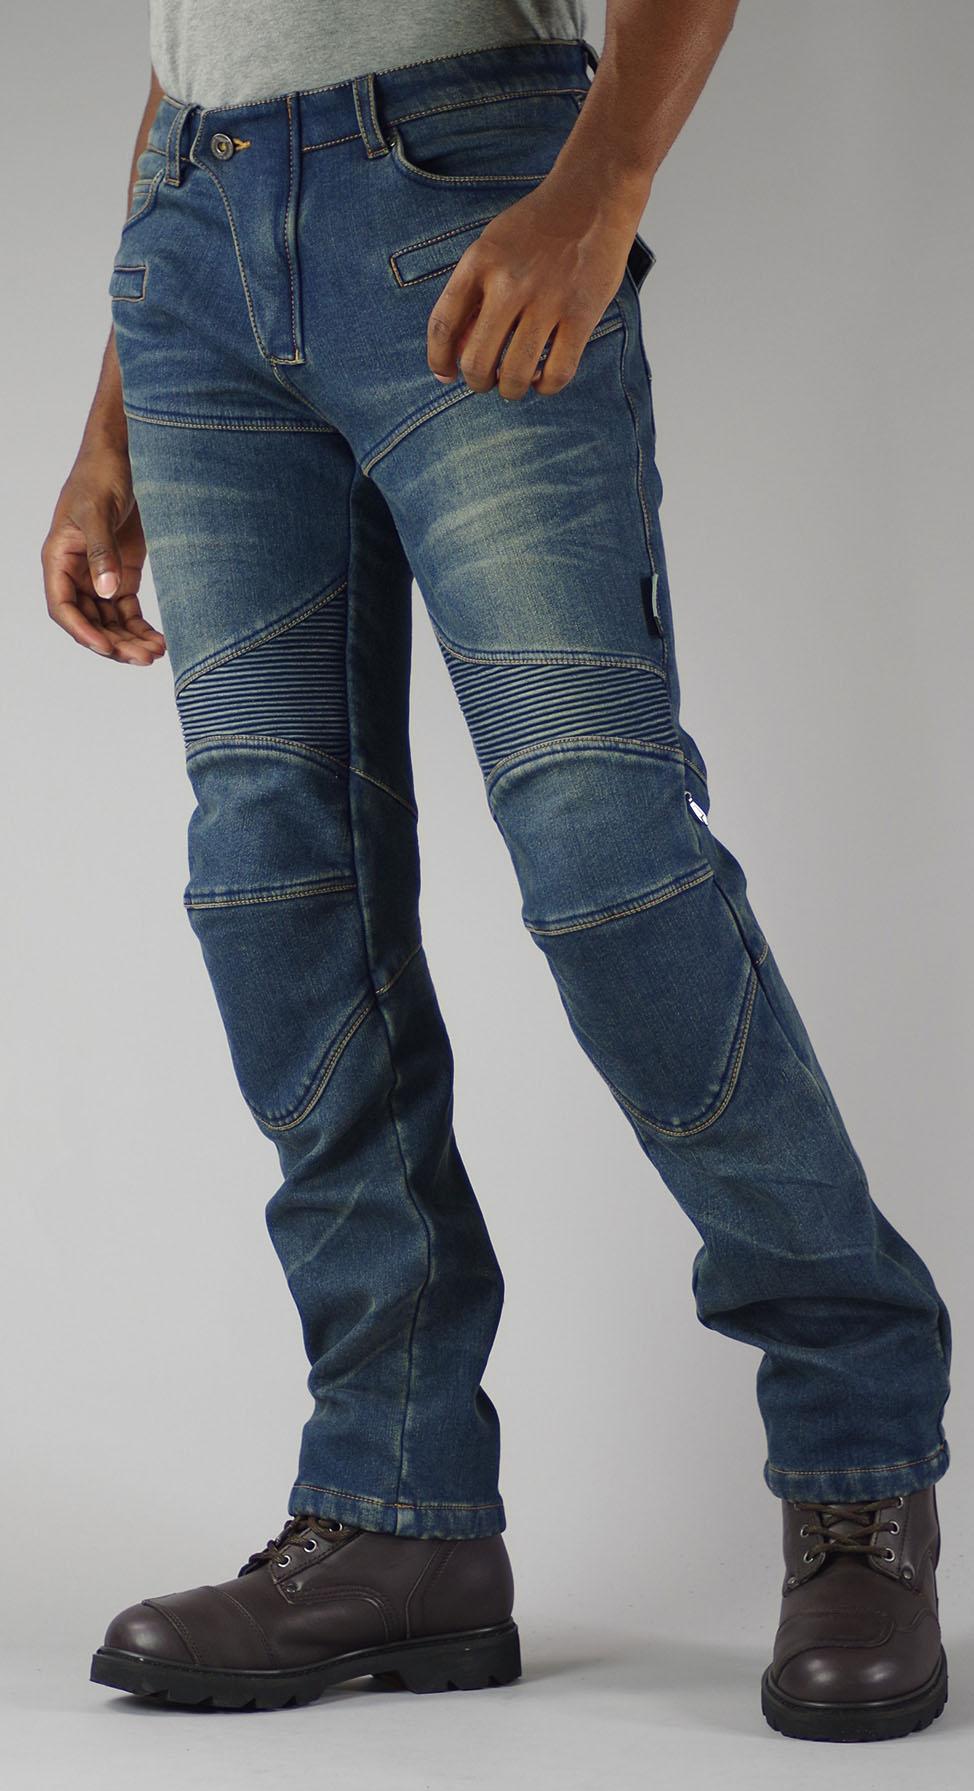 WJ-921S Super Fit Warm Denim Jeans KOMINE